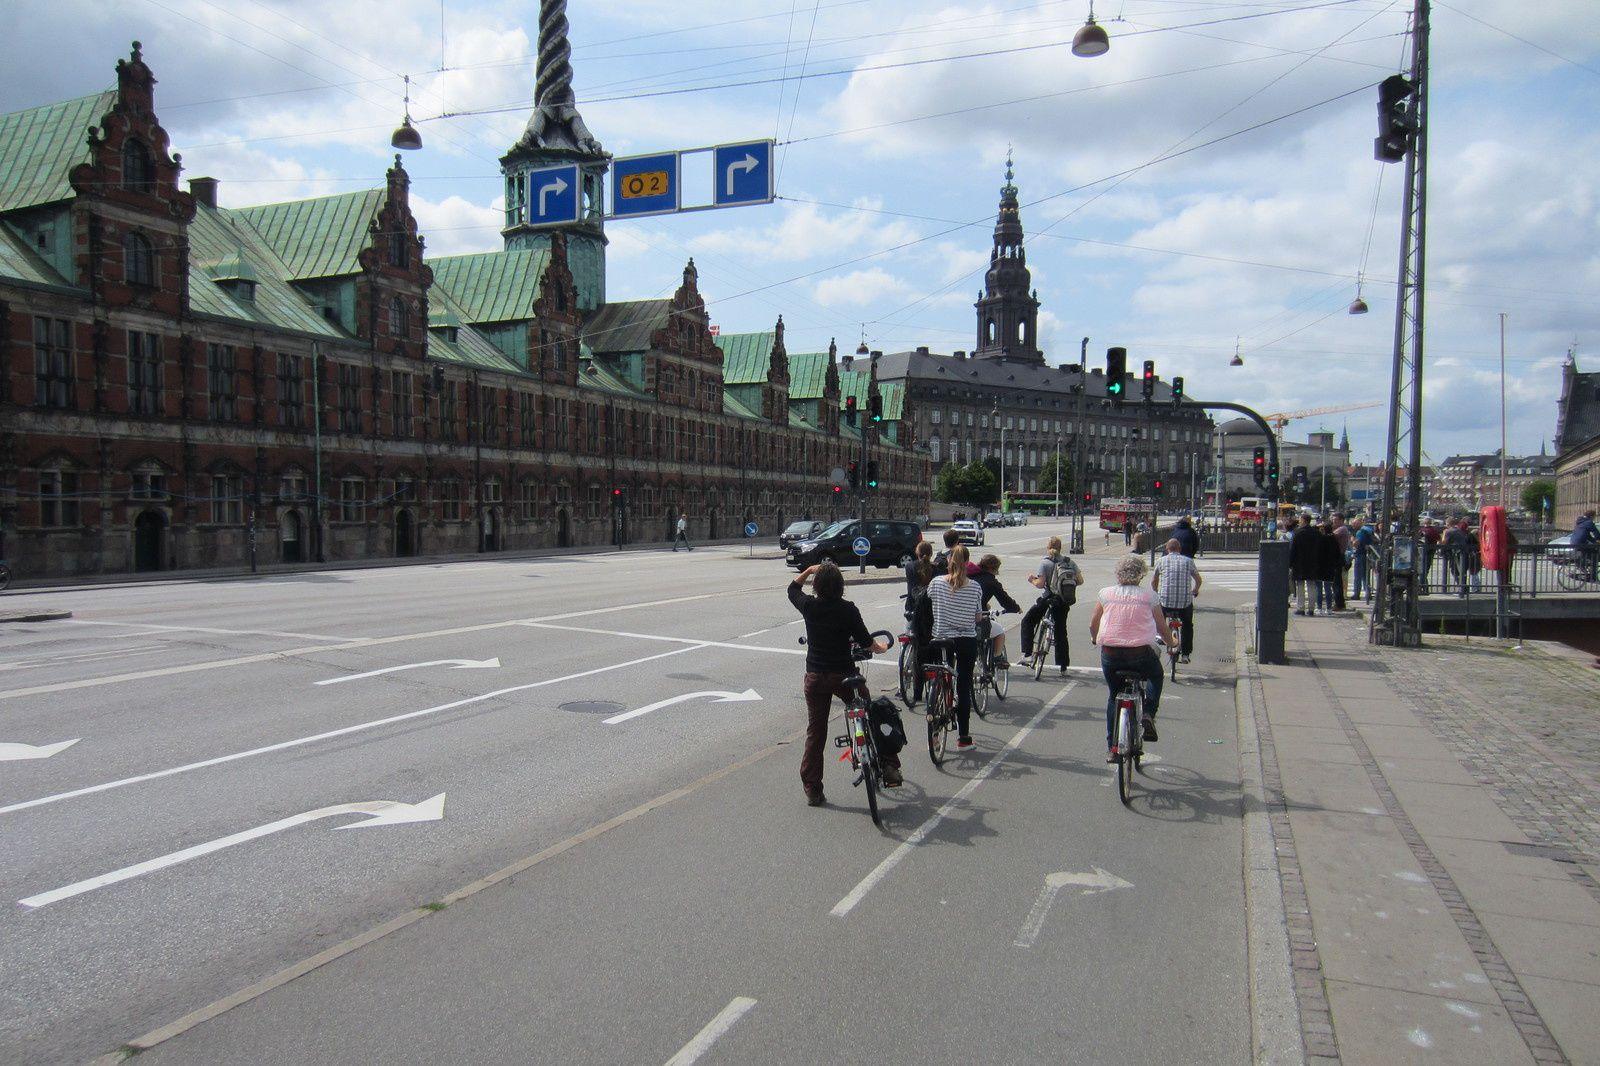 Copenhague,  la capitale européenne du vélo. A quand Paris ? Eh oui quatre fois moins de bagnoles et ça se voit...